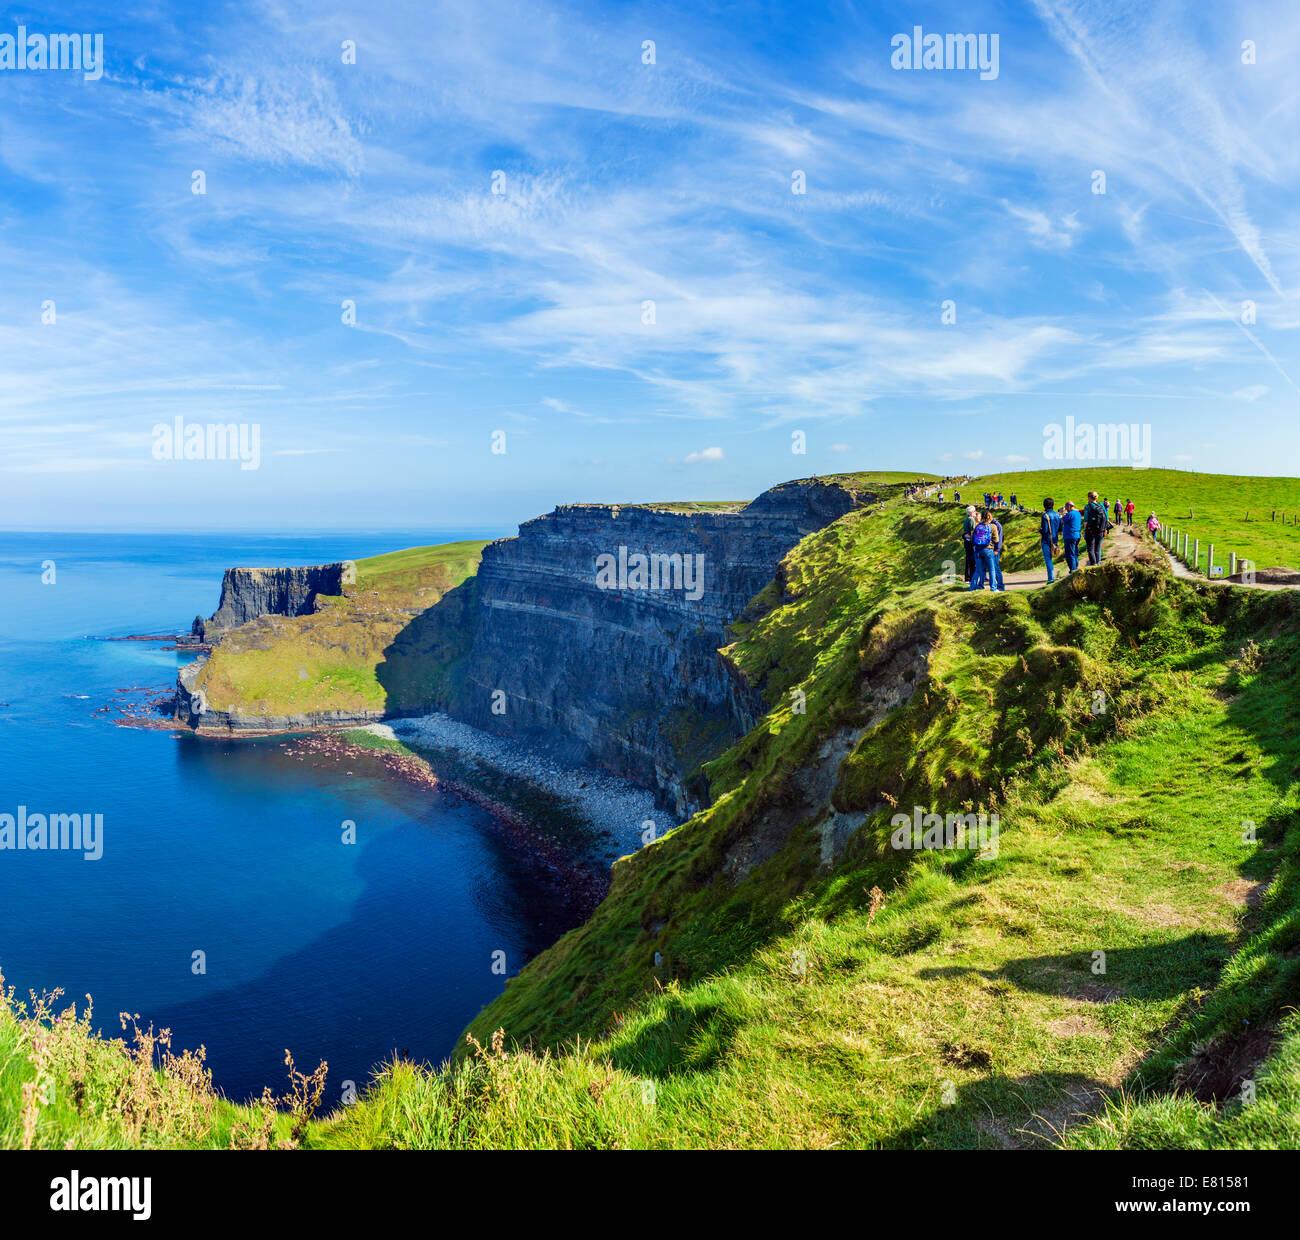 Touristen an den Klippen von Moher, die Burren, County Clare, Irland Stockbild